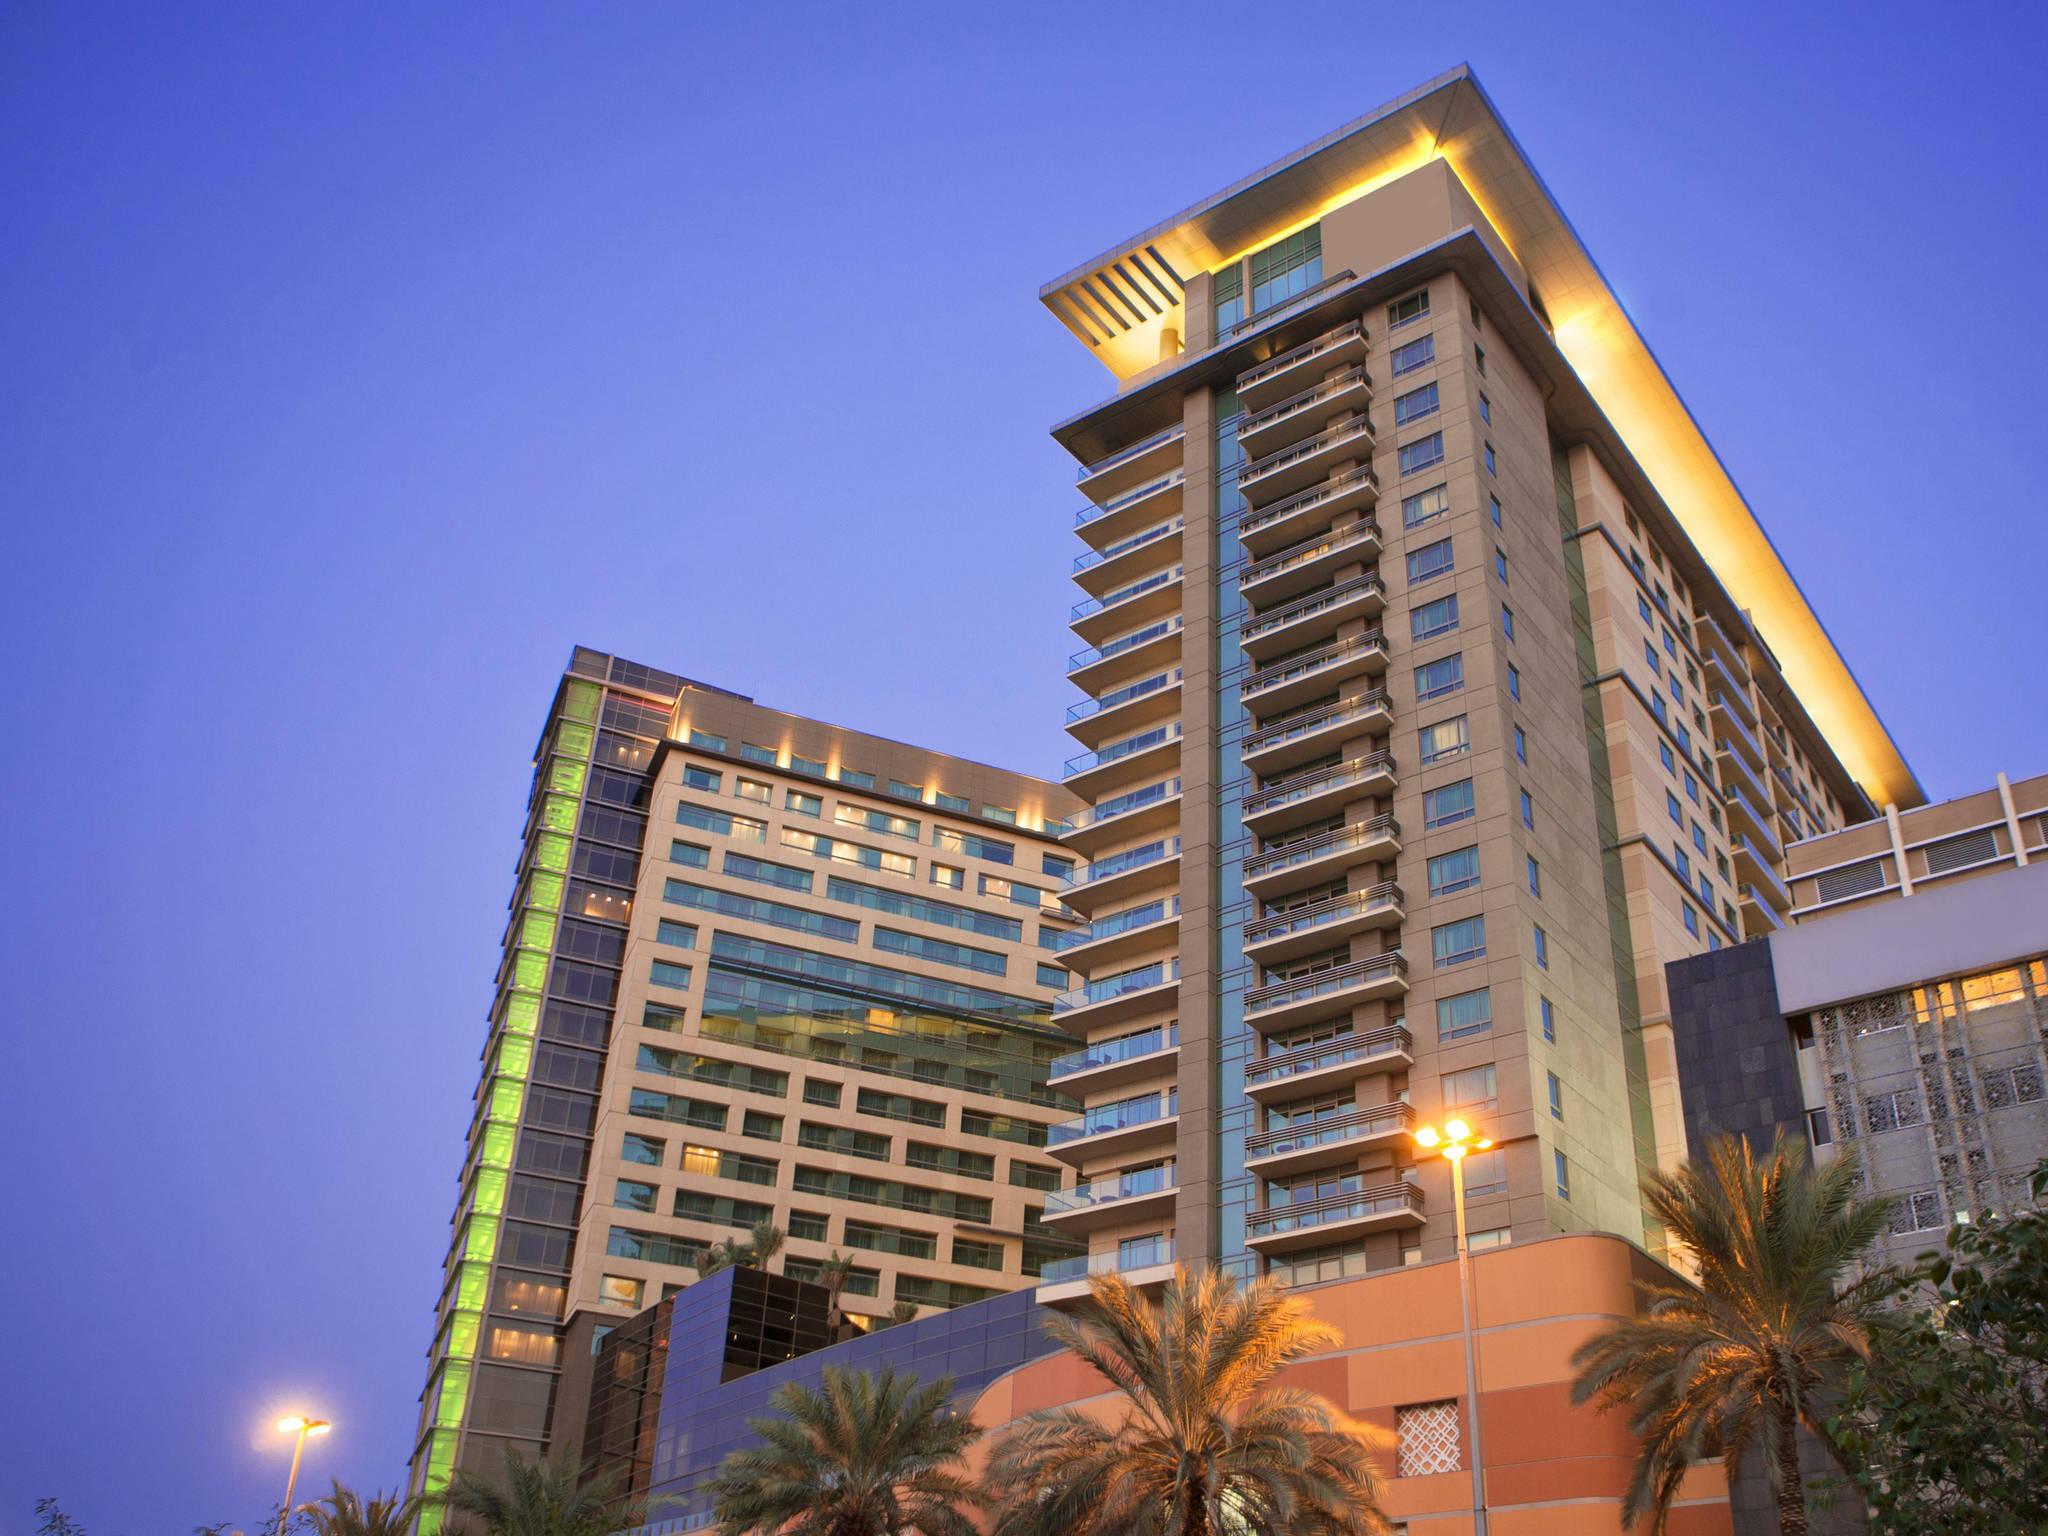 โรงแรม – Al Ghurair Living บริหารโดย AccorHotels (เปิดกรกฎาคม 2017)